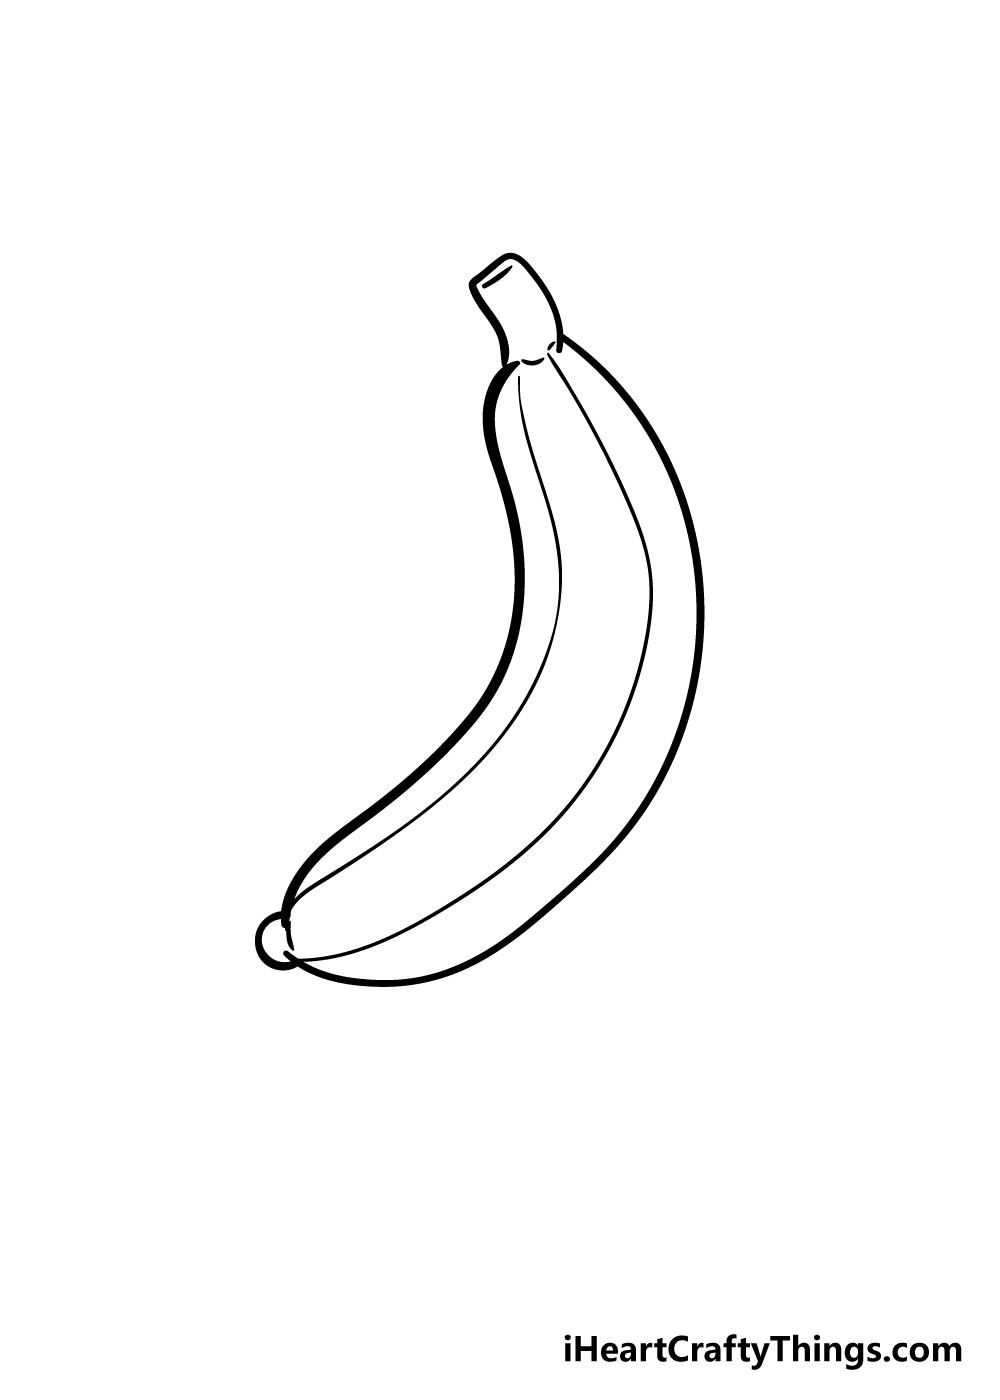 banana drawing step 5